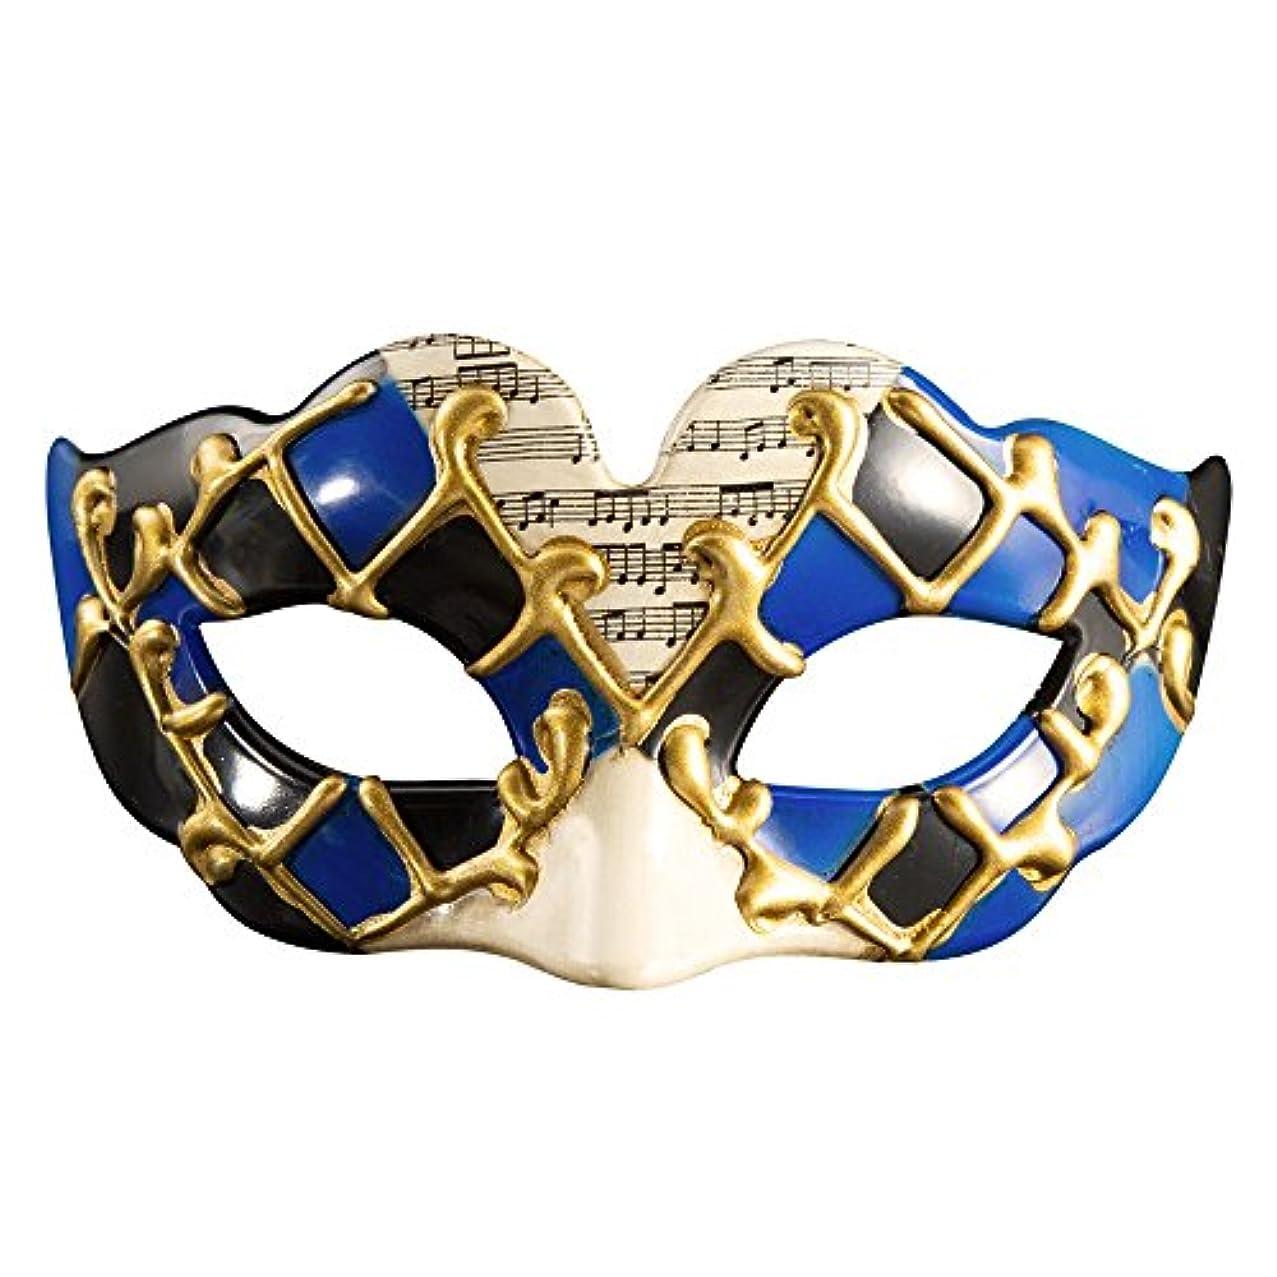 教会叙情的な望ましいクリエイティブ子供の半分の顔ハロウィーンマスクパーティー新しいファンシードレスボールマスク (Color : B)